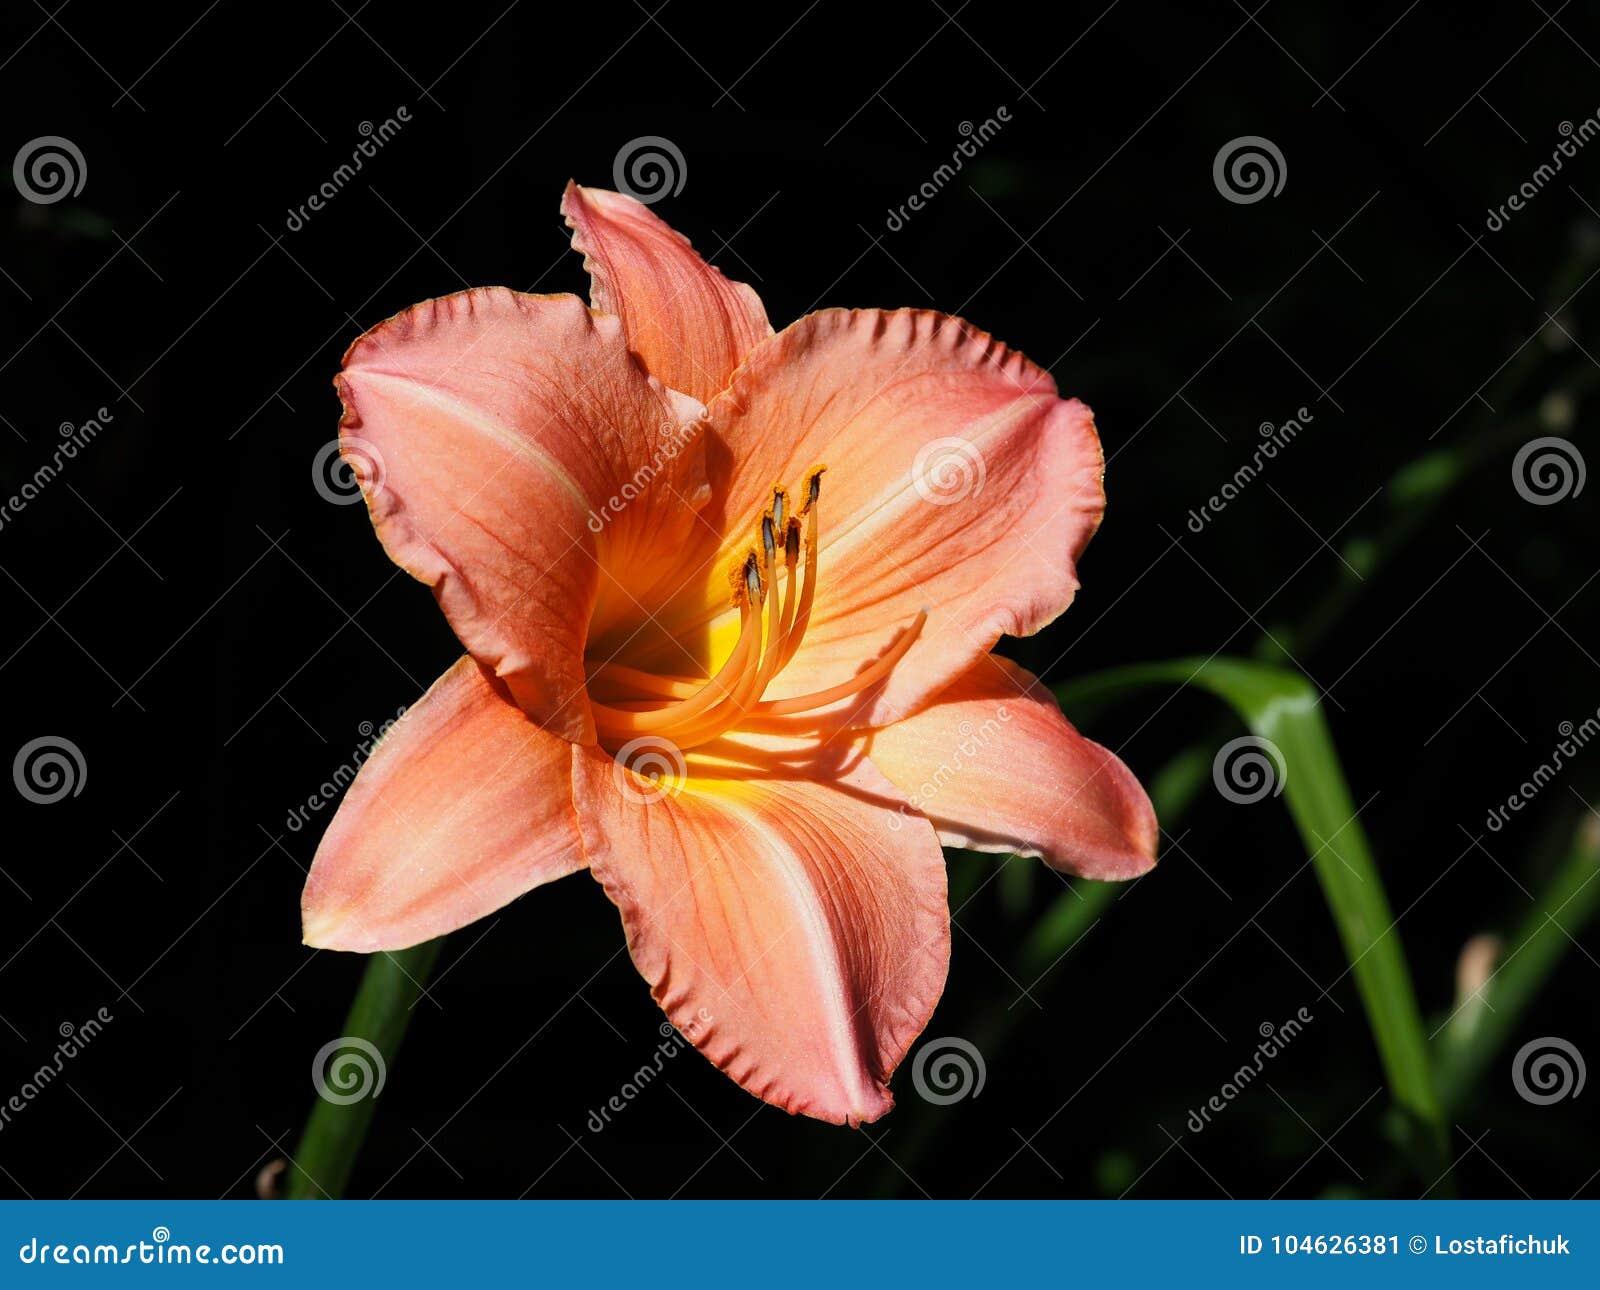 Download Dag Lily Or Hemerocallis In Bloom Stock Afbeelding - Afbeelding bestaande uit plantkunde, botanisch: 104626381